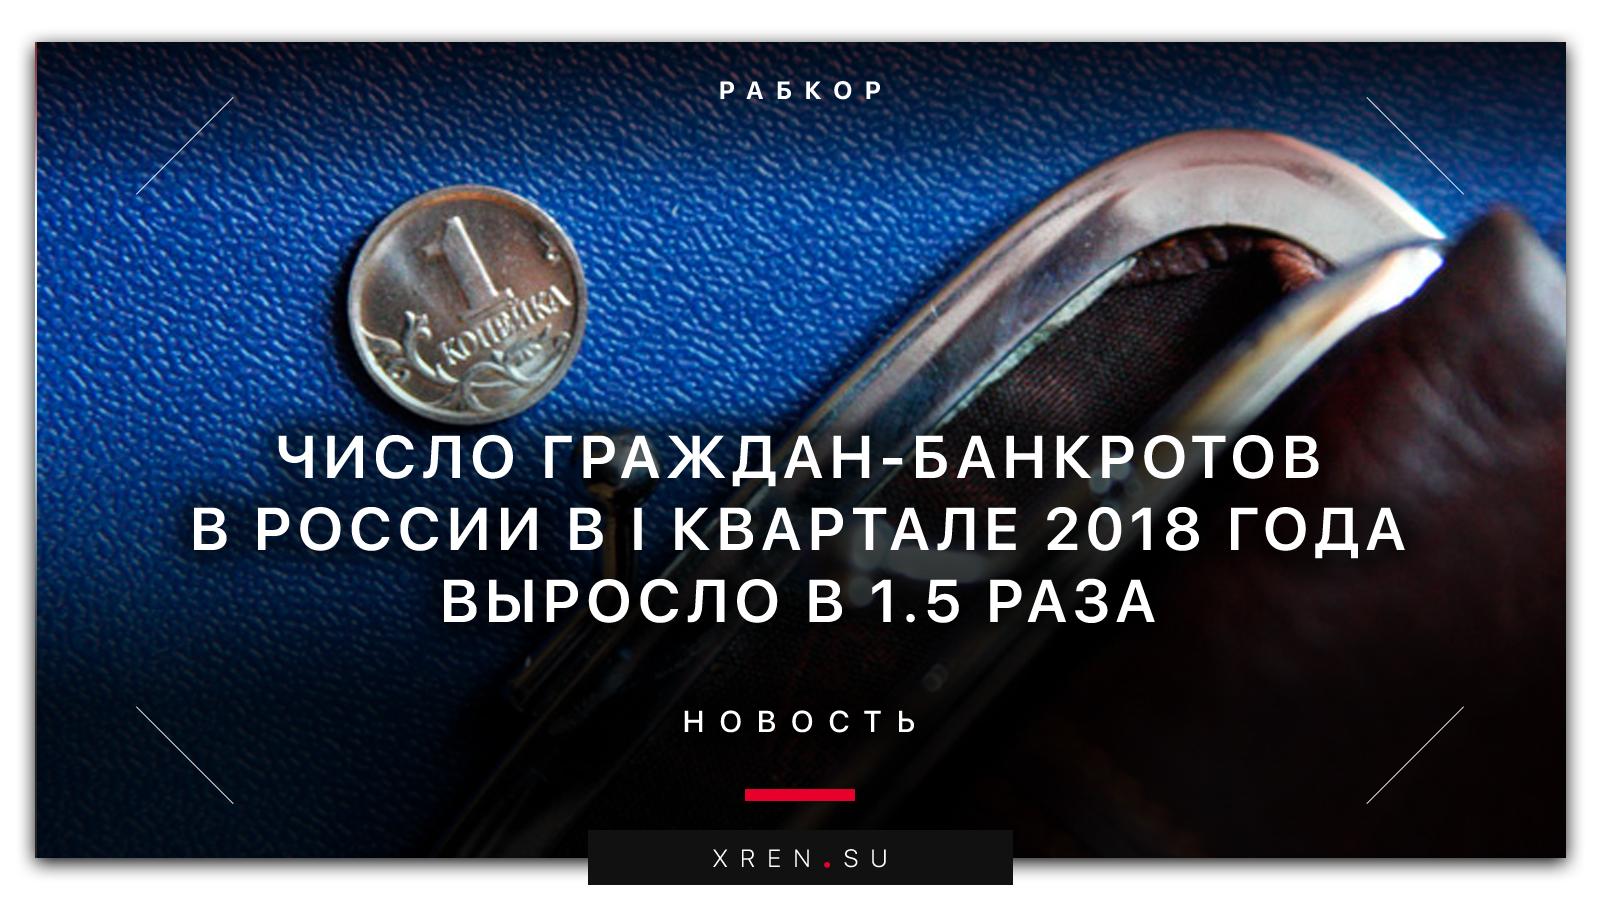 Число граждан-банкротов в России в I квартале 2018 года выросло в 1,5 раза